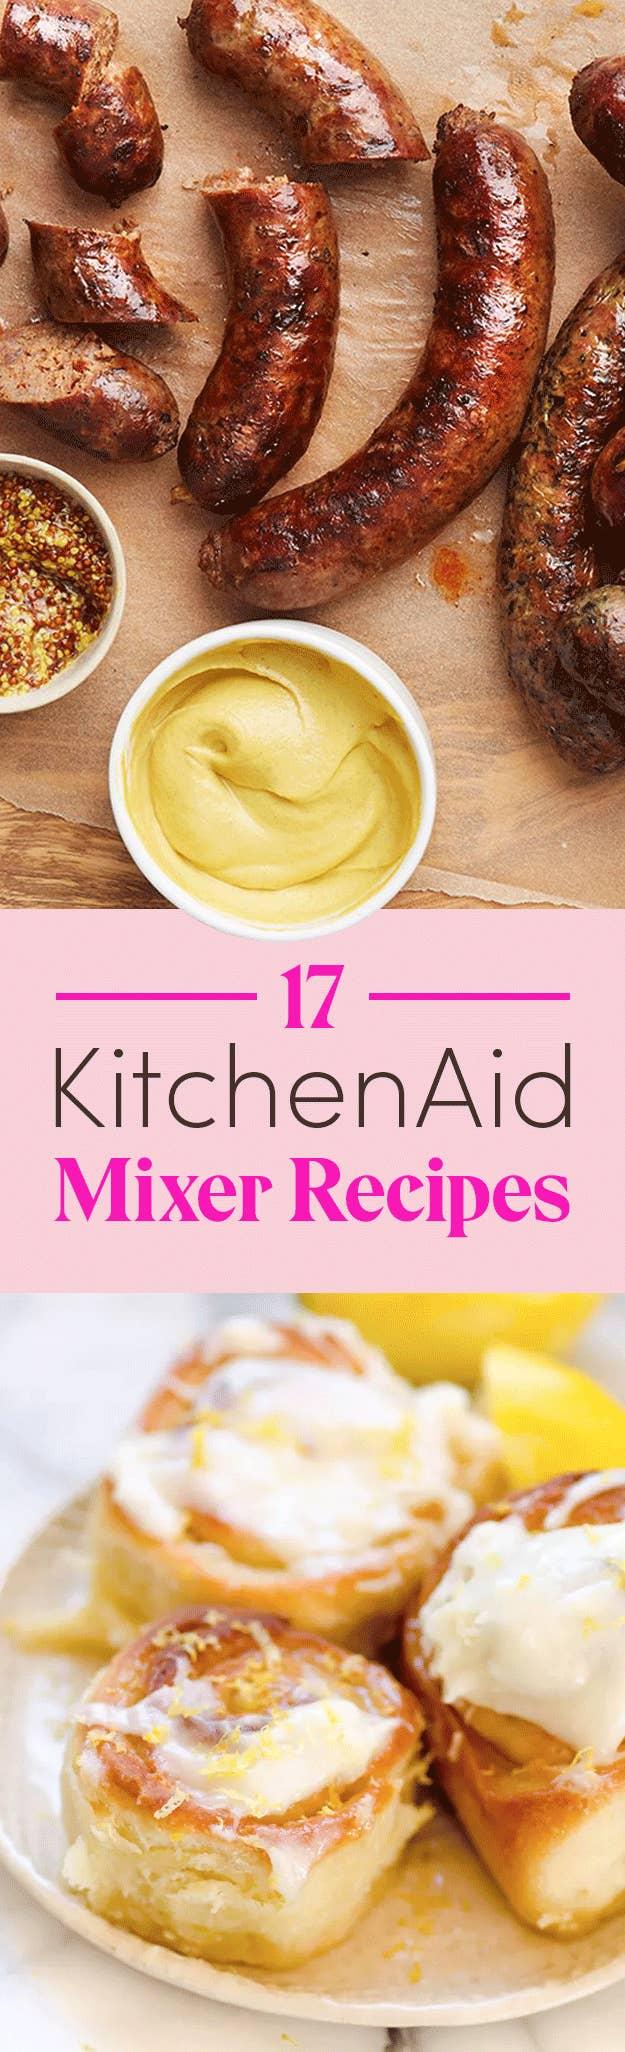 17 Things You Can Make In A KitchenAid Mixer on ge recipes, nielsen-massey recipes, creuset recipes, blendtec recipes, cajun injector recipes, homemade ice cream recipes, blomus recipes, paula deen recipes, lynx recipes, john folse recipes, five star recipes, healthmaster recipes, schlemmertopf recipes, masterbuilt recipes, sistema recipes, presto recipes, fire-king recipes, sodastream recipes, good cook recipes, bakers secret recipes,